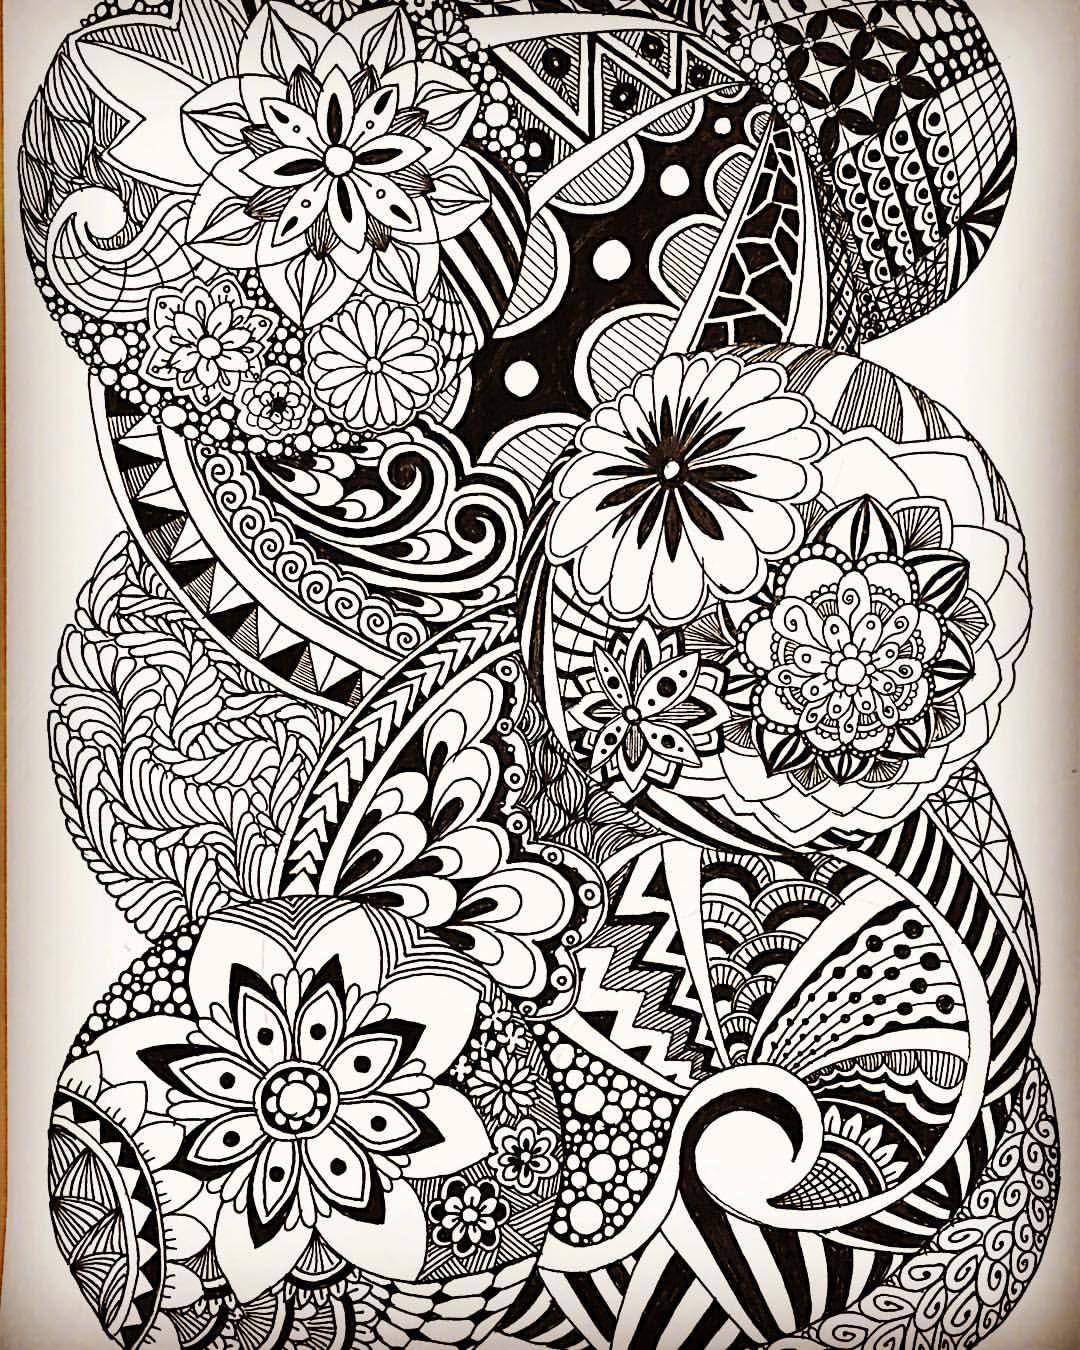 Malvorlagen, Zentangle Muster, Malen Und Zeichnen